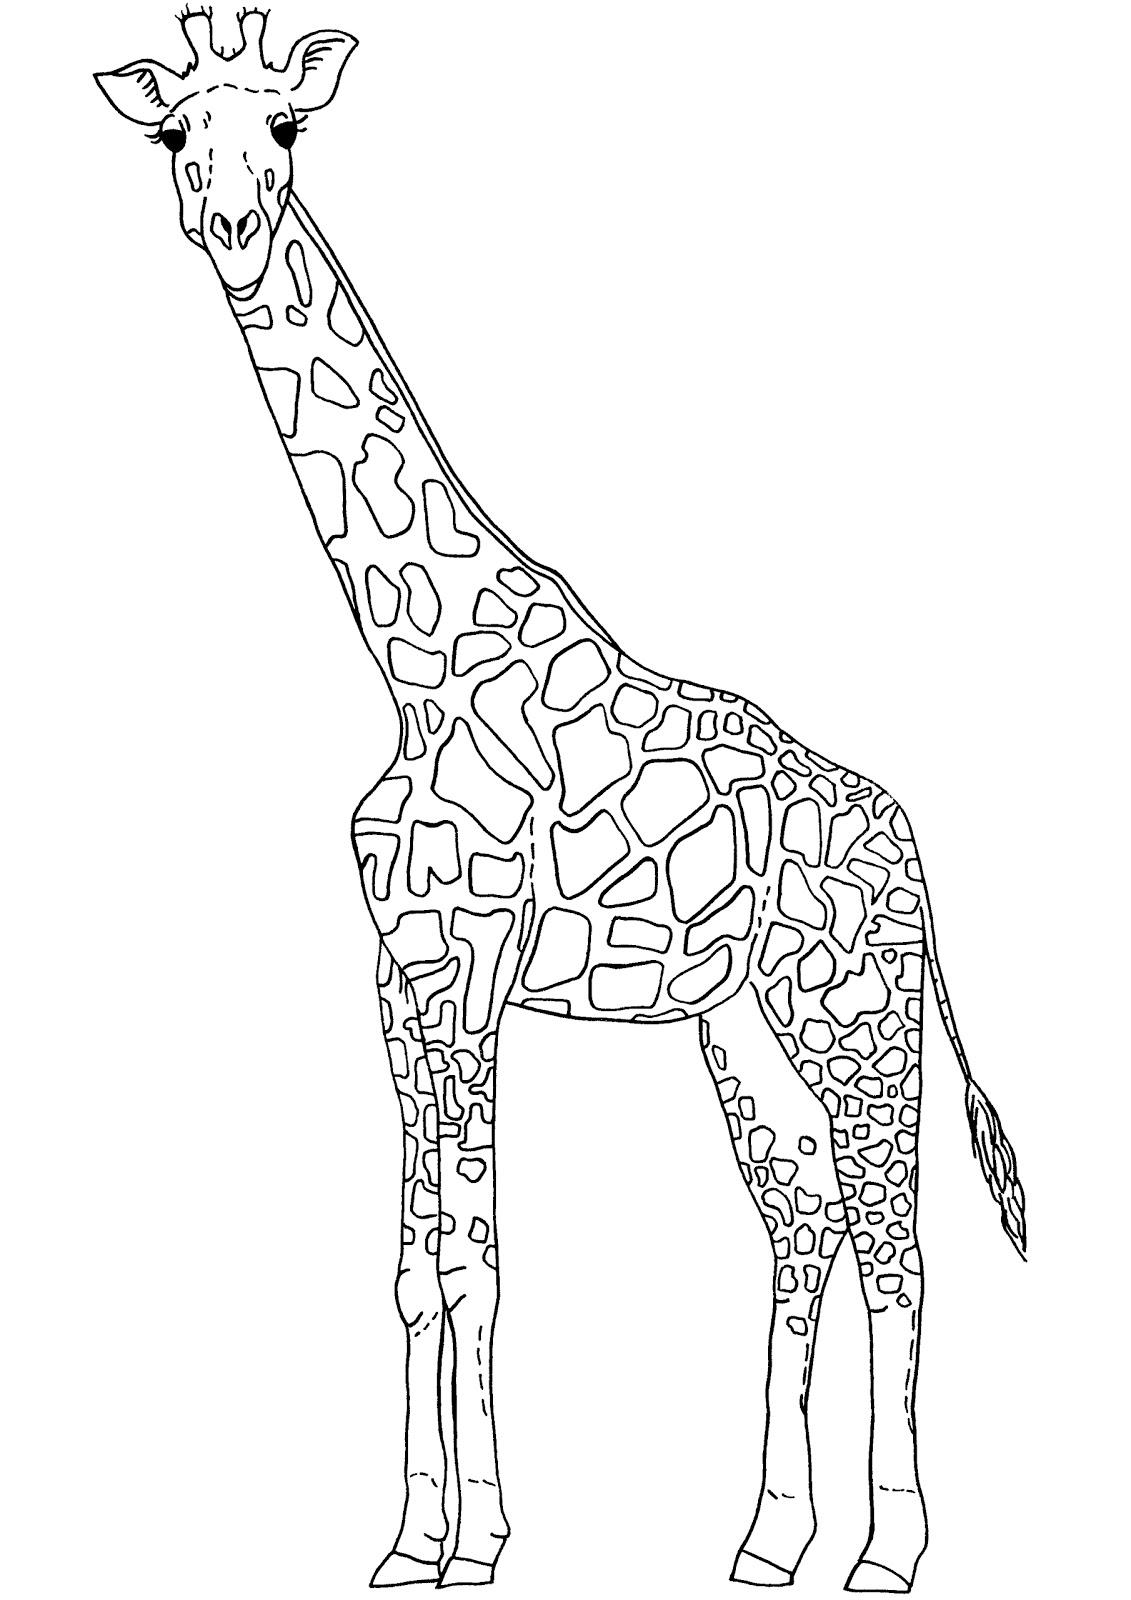 1131x1600 Cartoon Drawing Of A Giraffe Art For Kids How To Draw A Giraffe